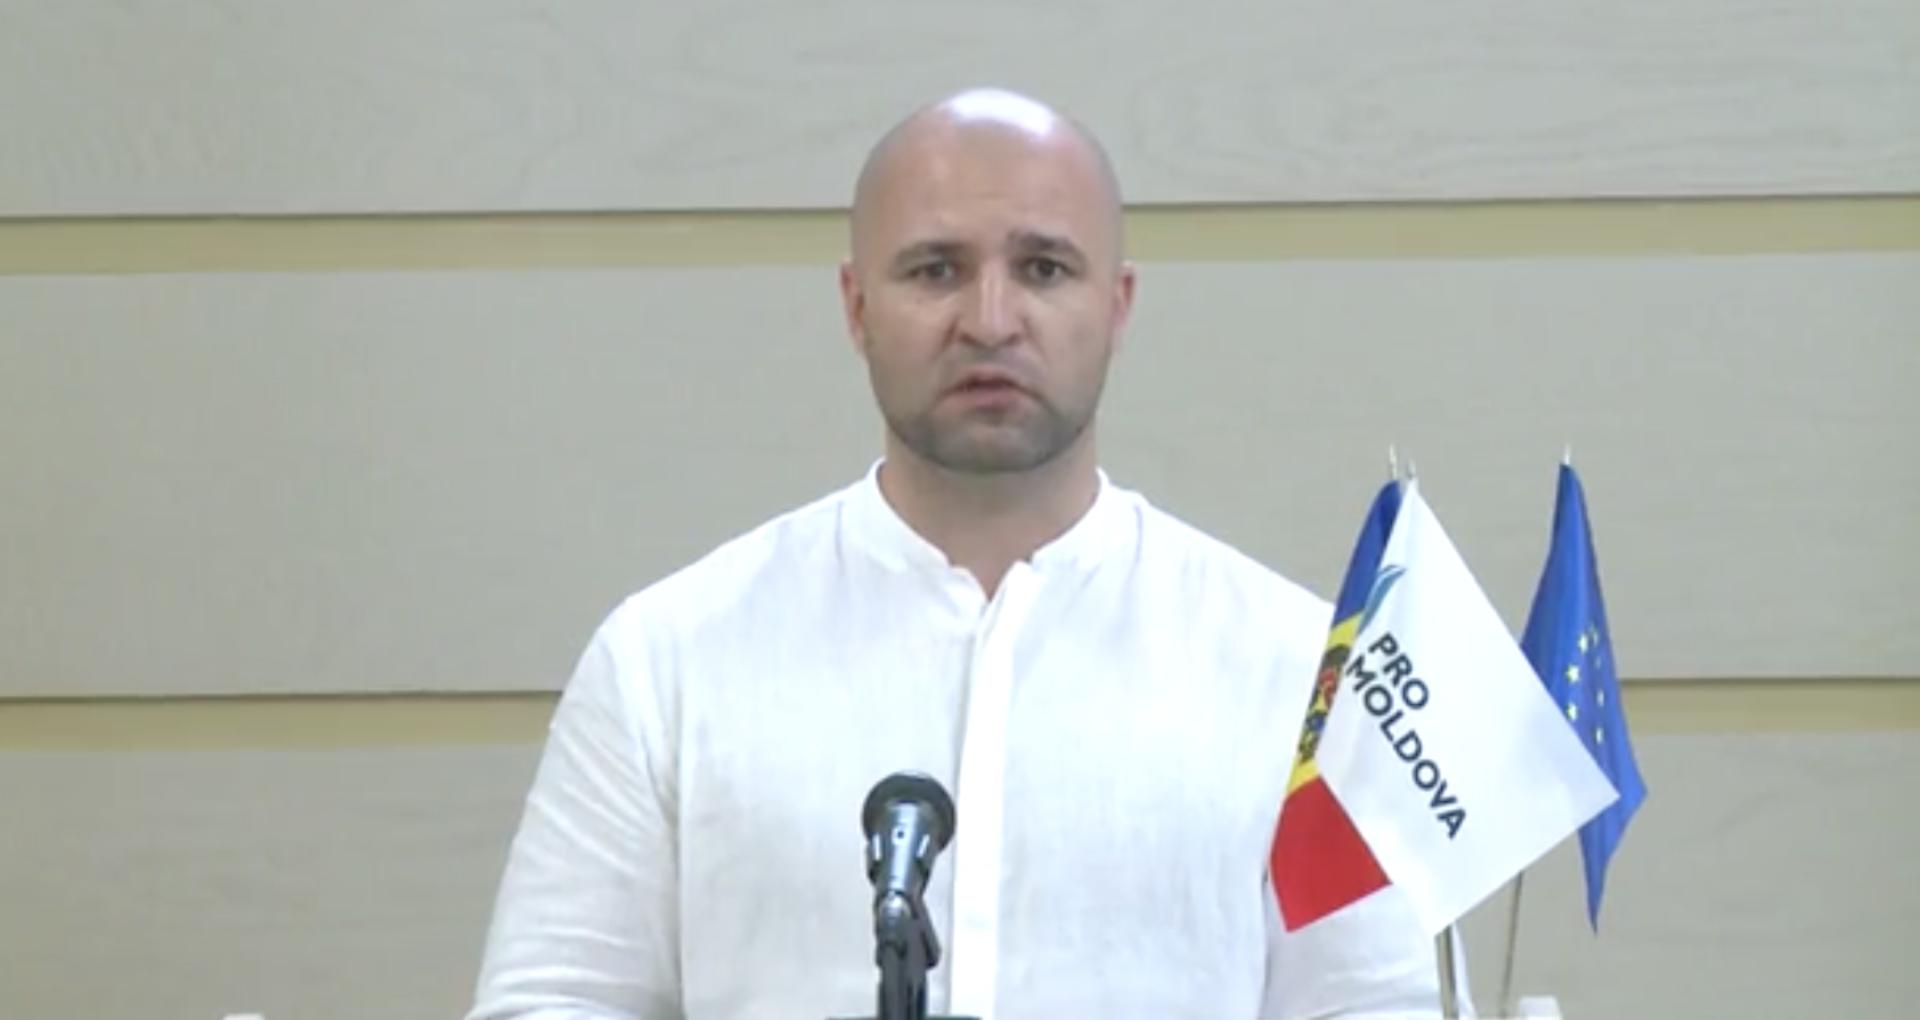 Vasile Bolea: Vladimir Cebotari a părăsit Republica Moldova după evenimentele de la Președinție. Reacția lui Sergiu Sîrbu